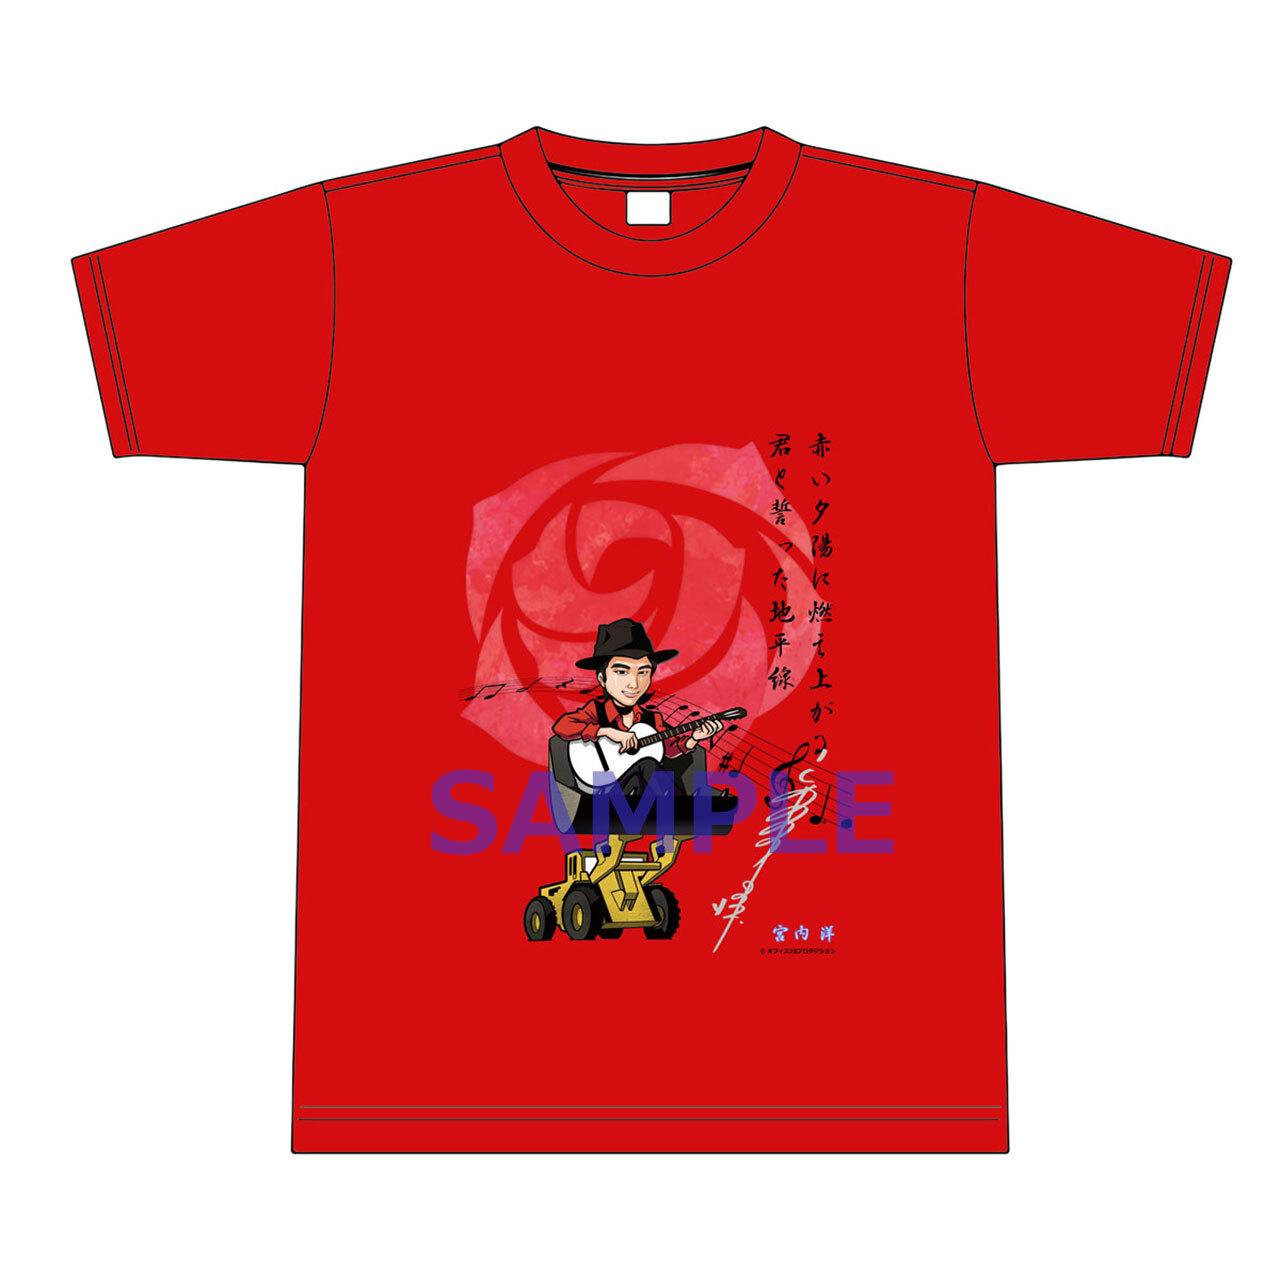 【4589839361439先】宮内洋 Tシャツ A /L 銀色箔押しサイン付きver.